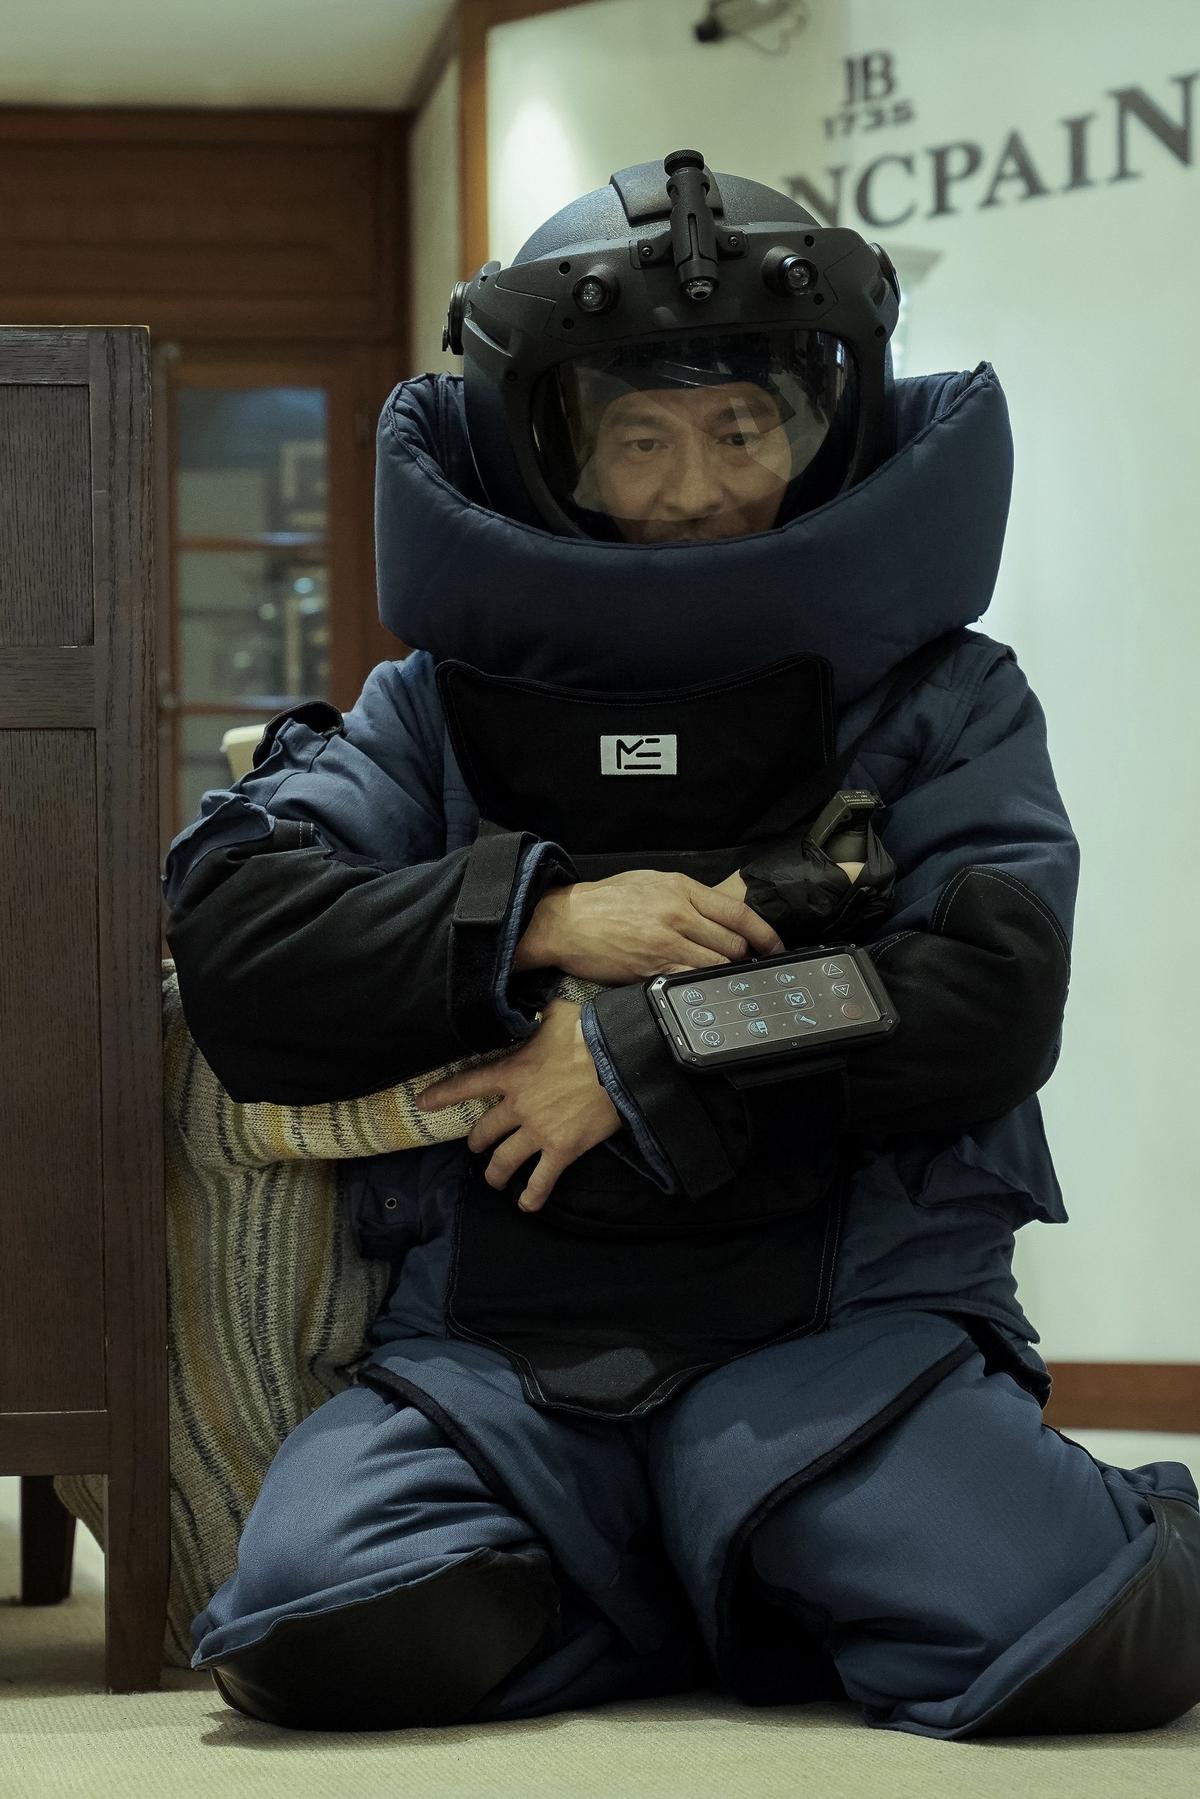 劉德華慘被炸斷一條腿! 《拆彈2》睽違18年聯手劉青雲飆演技